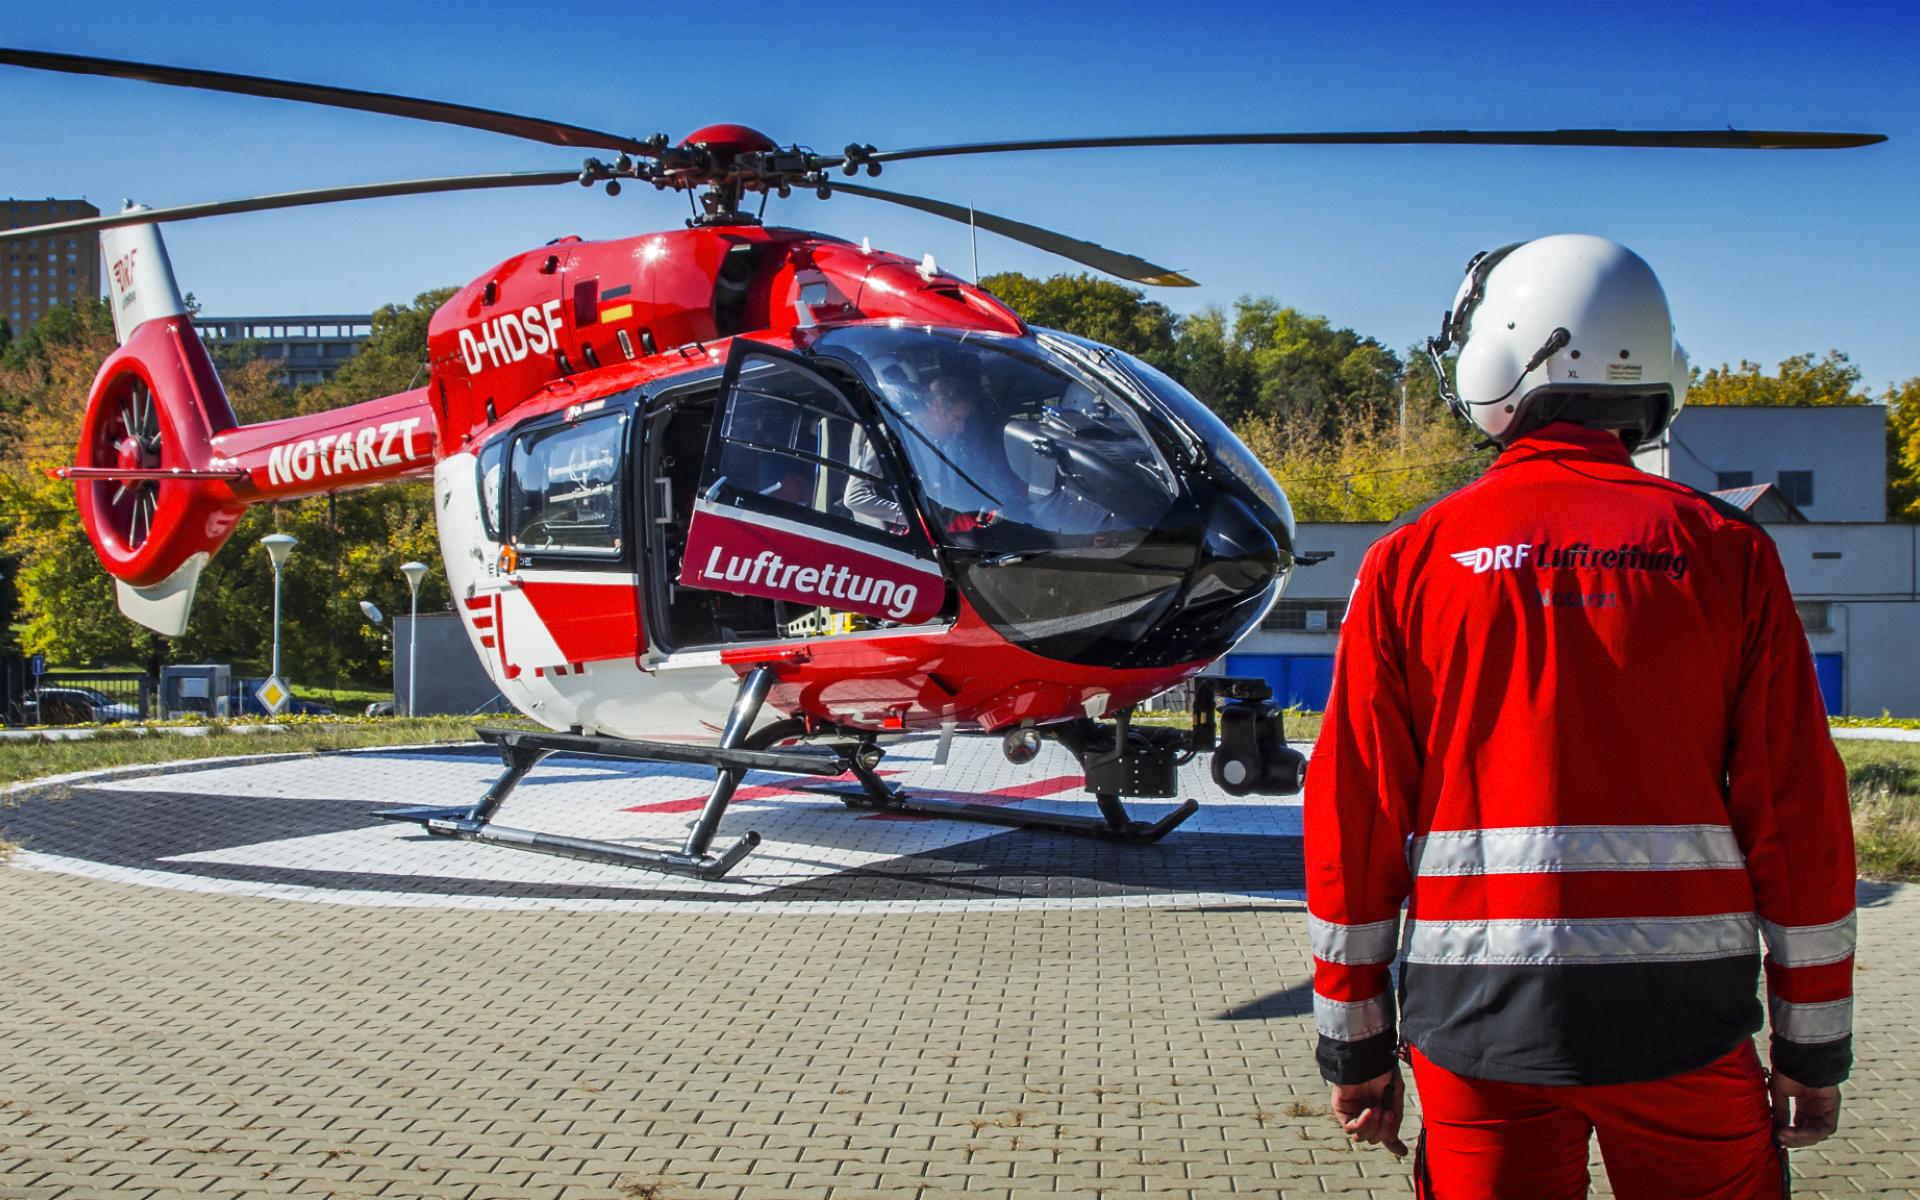 Keine andere Station der DRF Luftrettung leistet so viele ECMO-Einsätze wie die Regensburger – bereits 27 Mal wurde das hochkomplexe Verfahren im ersten Halbjahr 2019 angewandt. Foto: Klimsa Photography